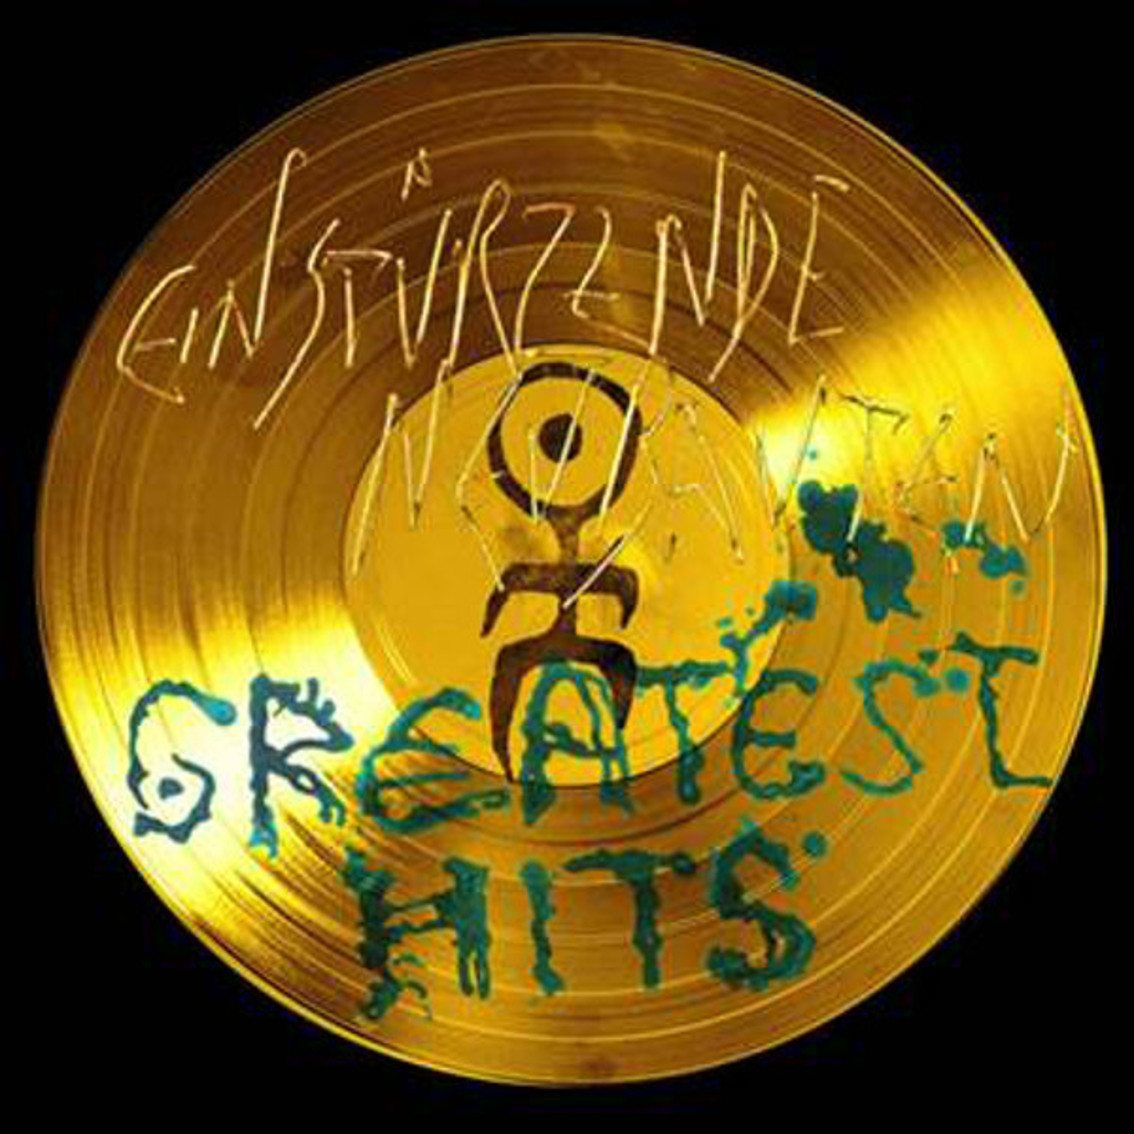 Einstürzende Neubauten goes gold vinyl with'Greatest Hits' - get yours here